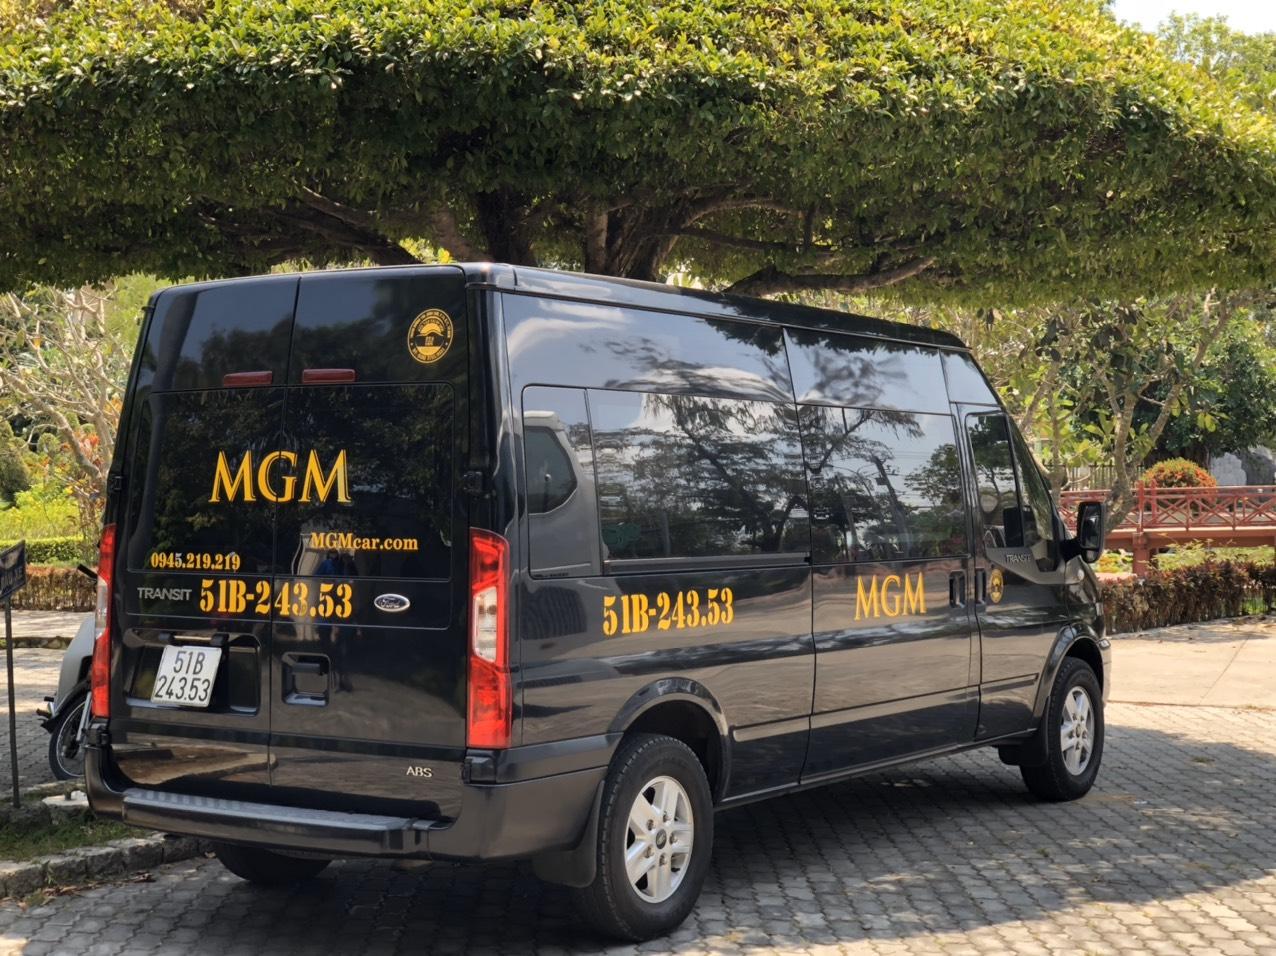 MGM cho thuê xe 16 chỗ tại quận 2 là những dòng xe cao cấp